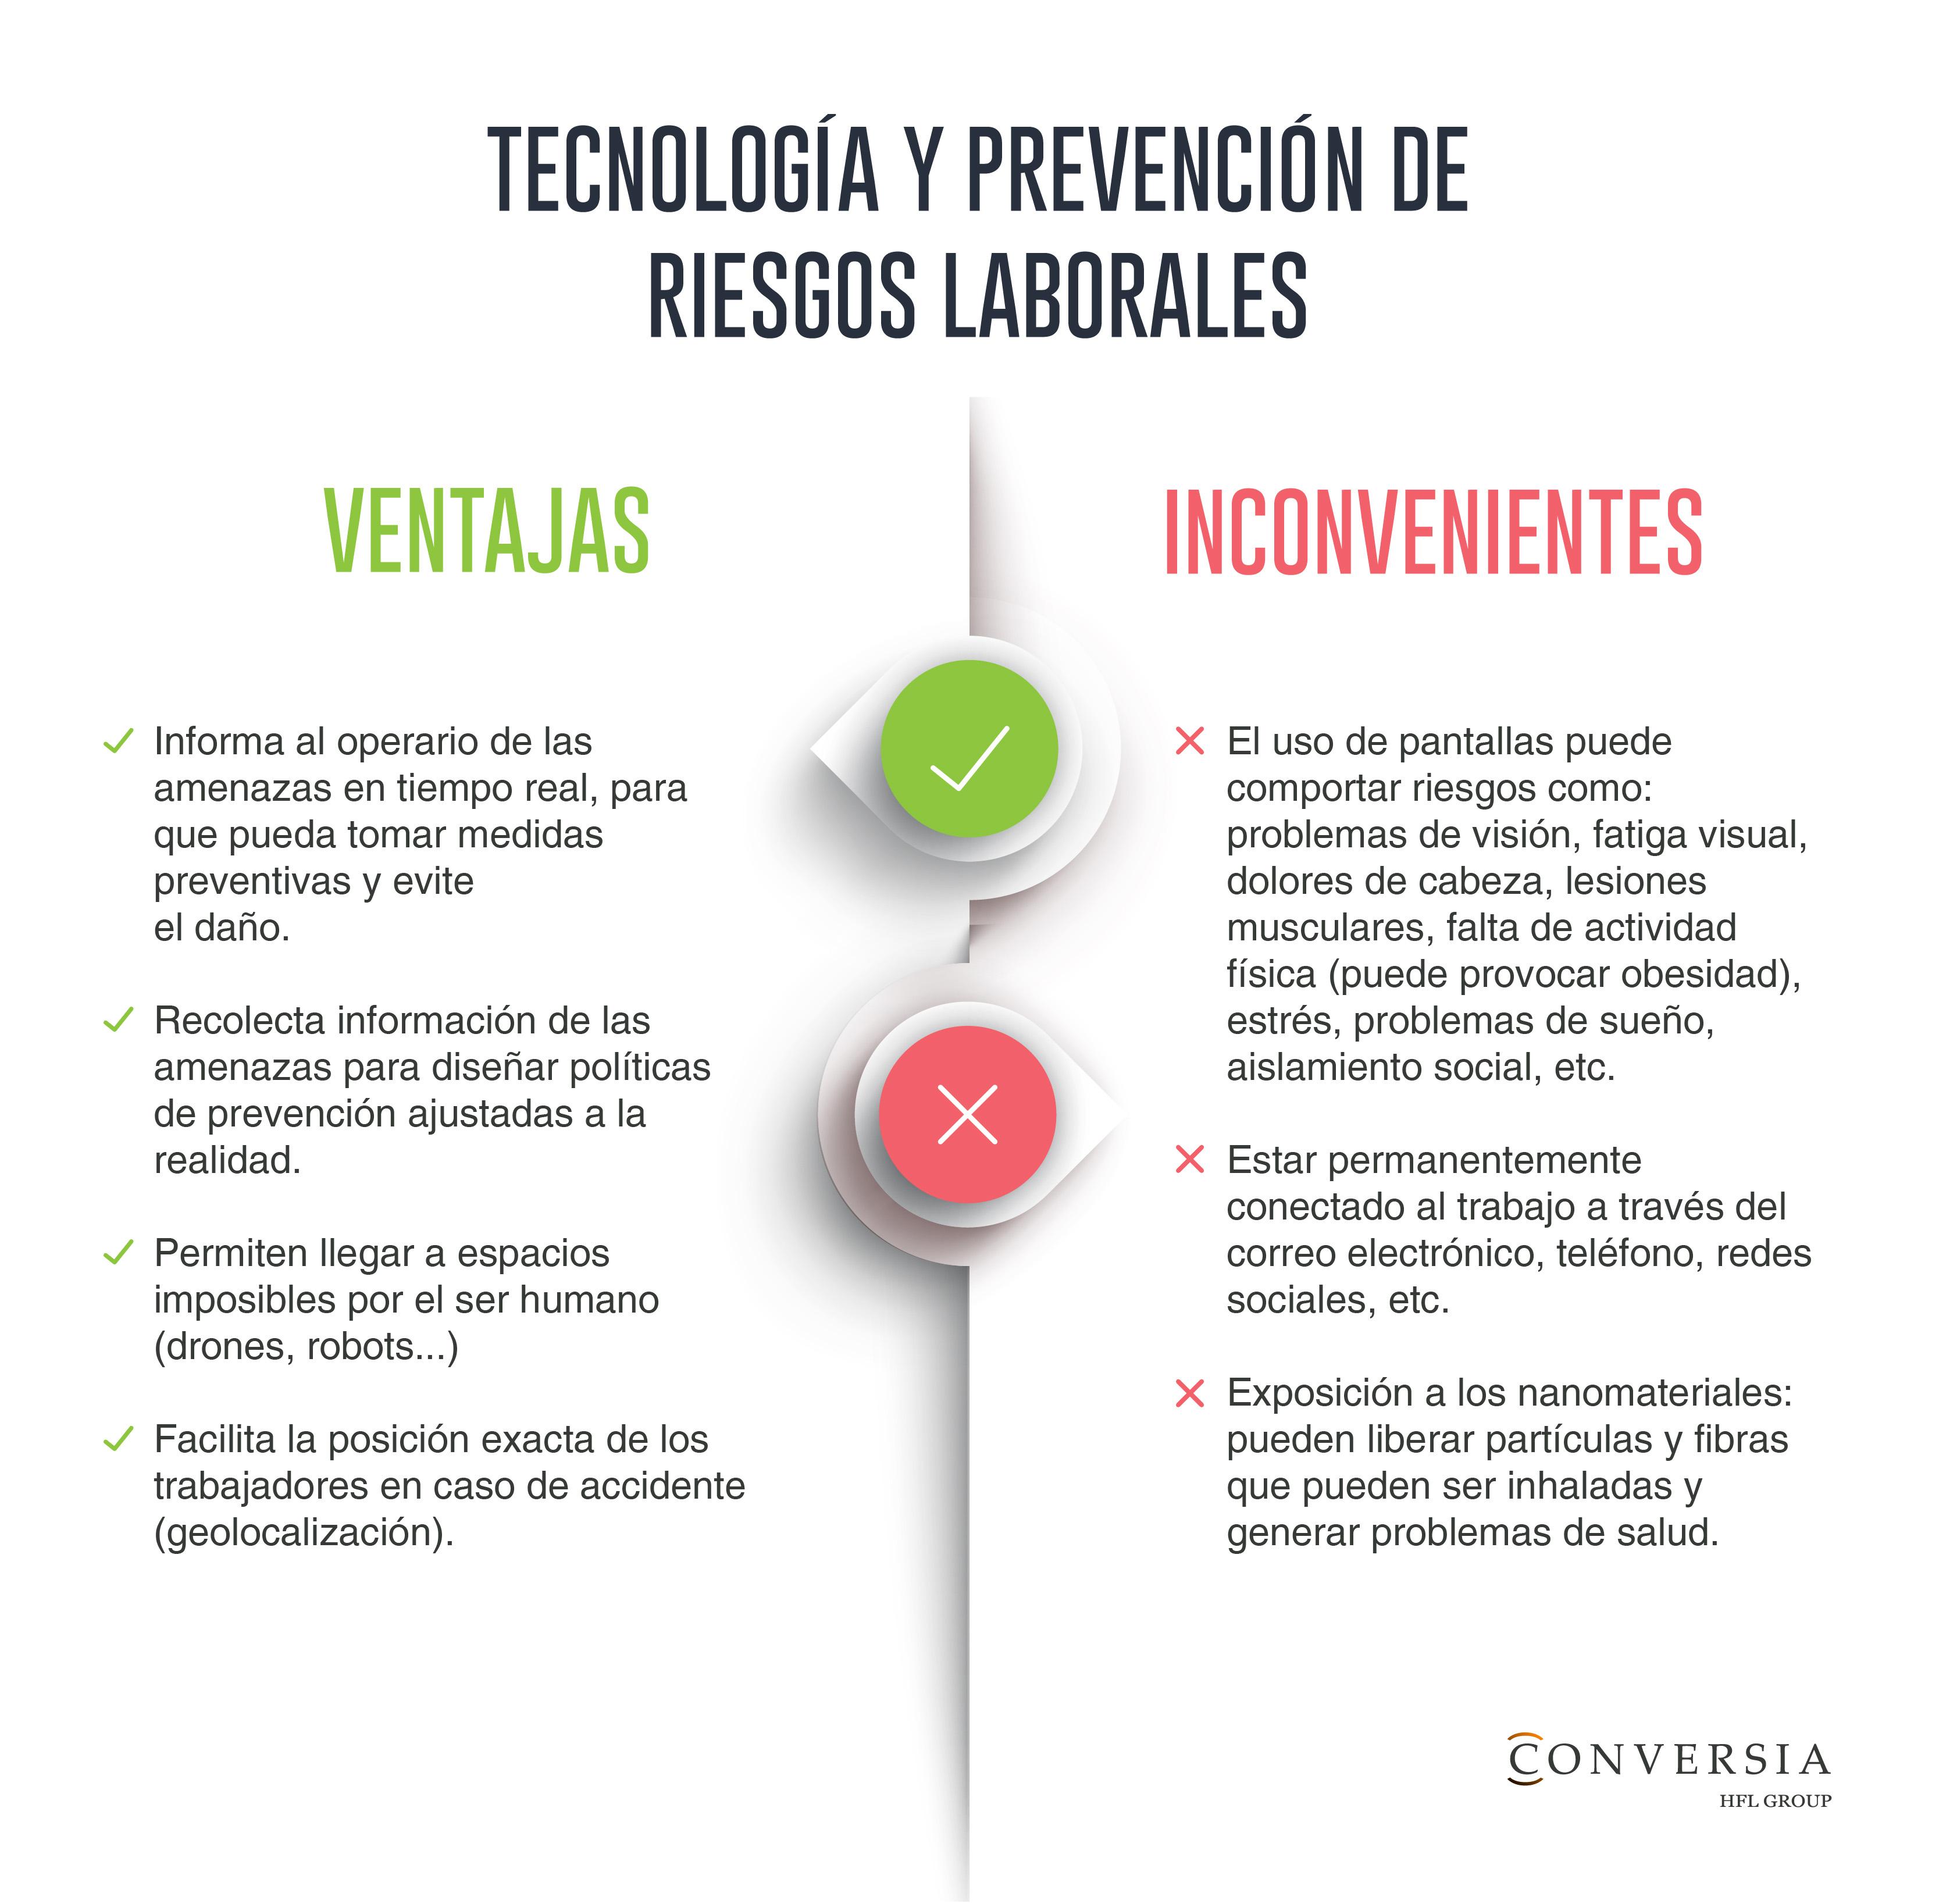 Infografía Conversia PRL Tecnología Problemas